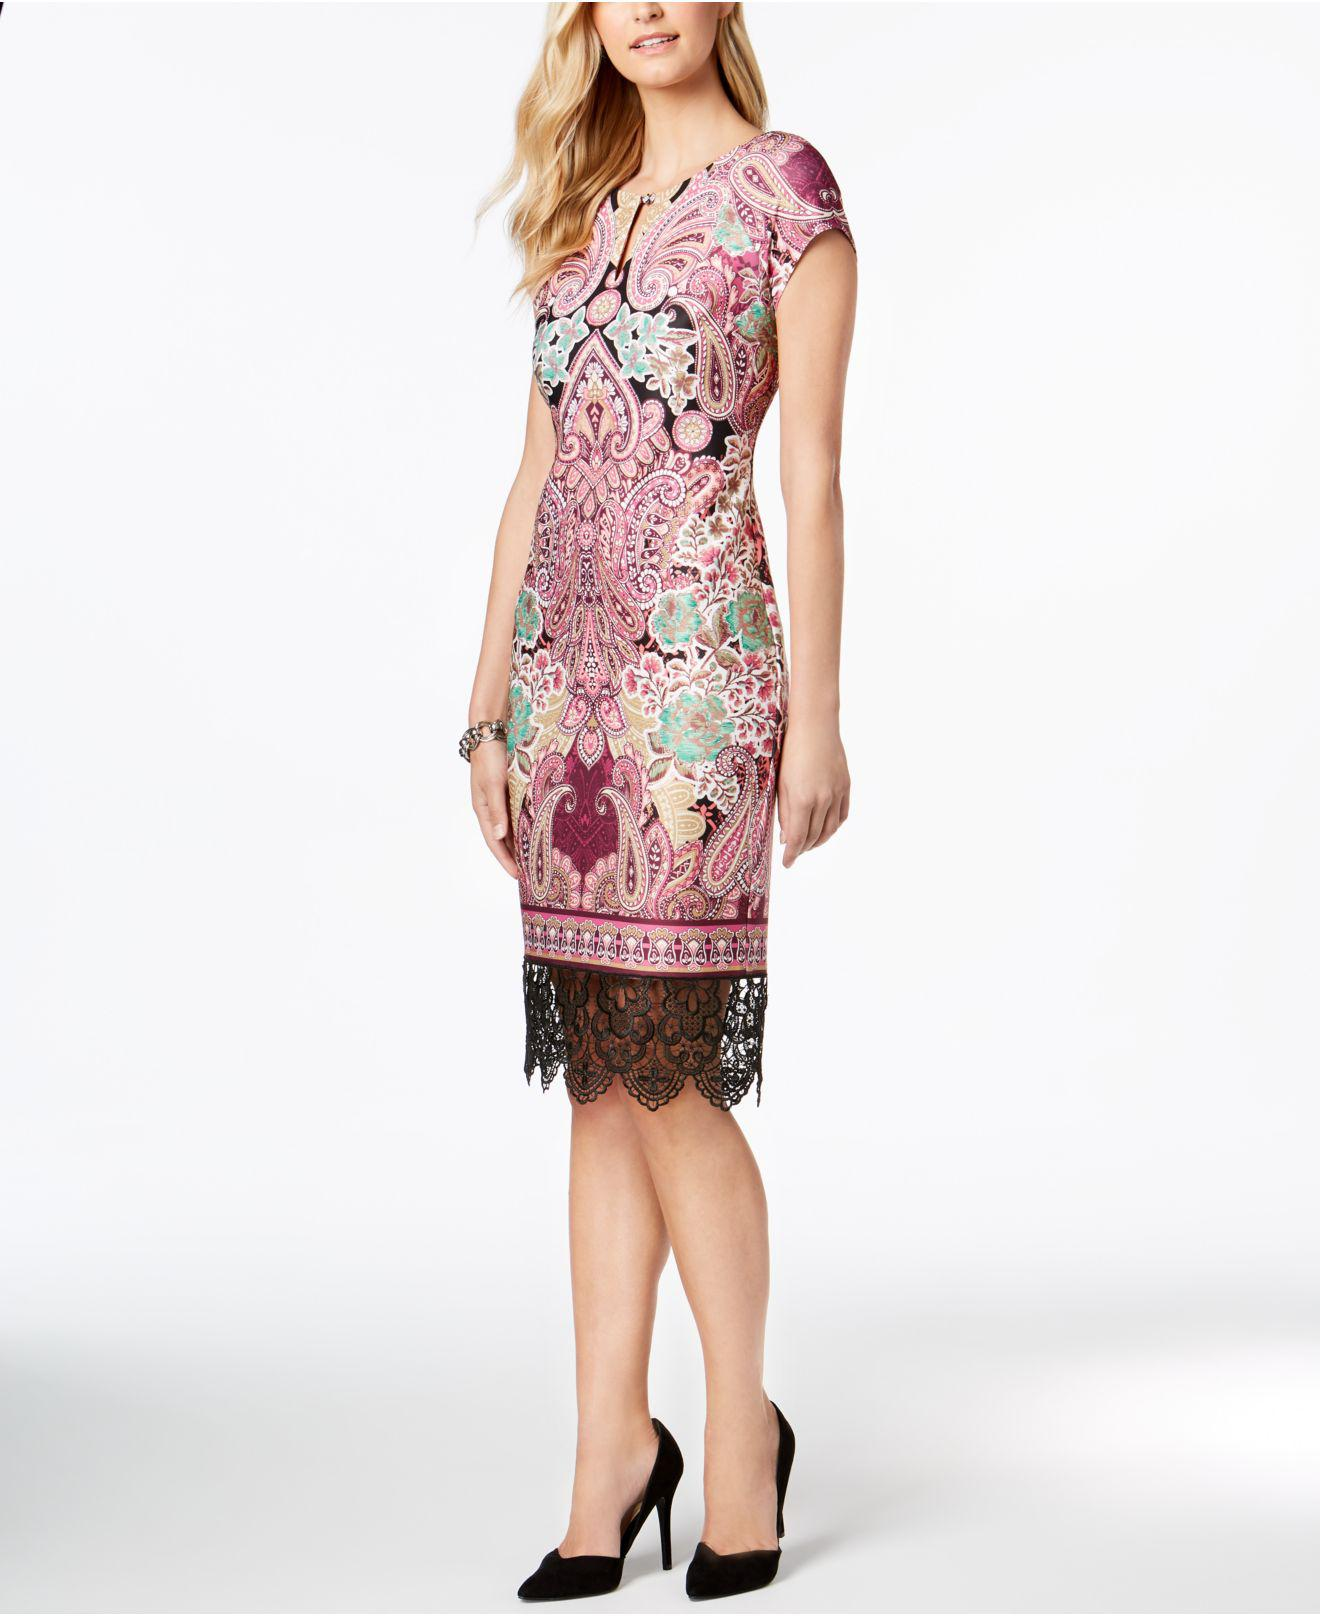 149c6616 Eci Lace-trim Sheath Dress in Pink - Lyst